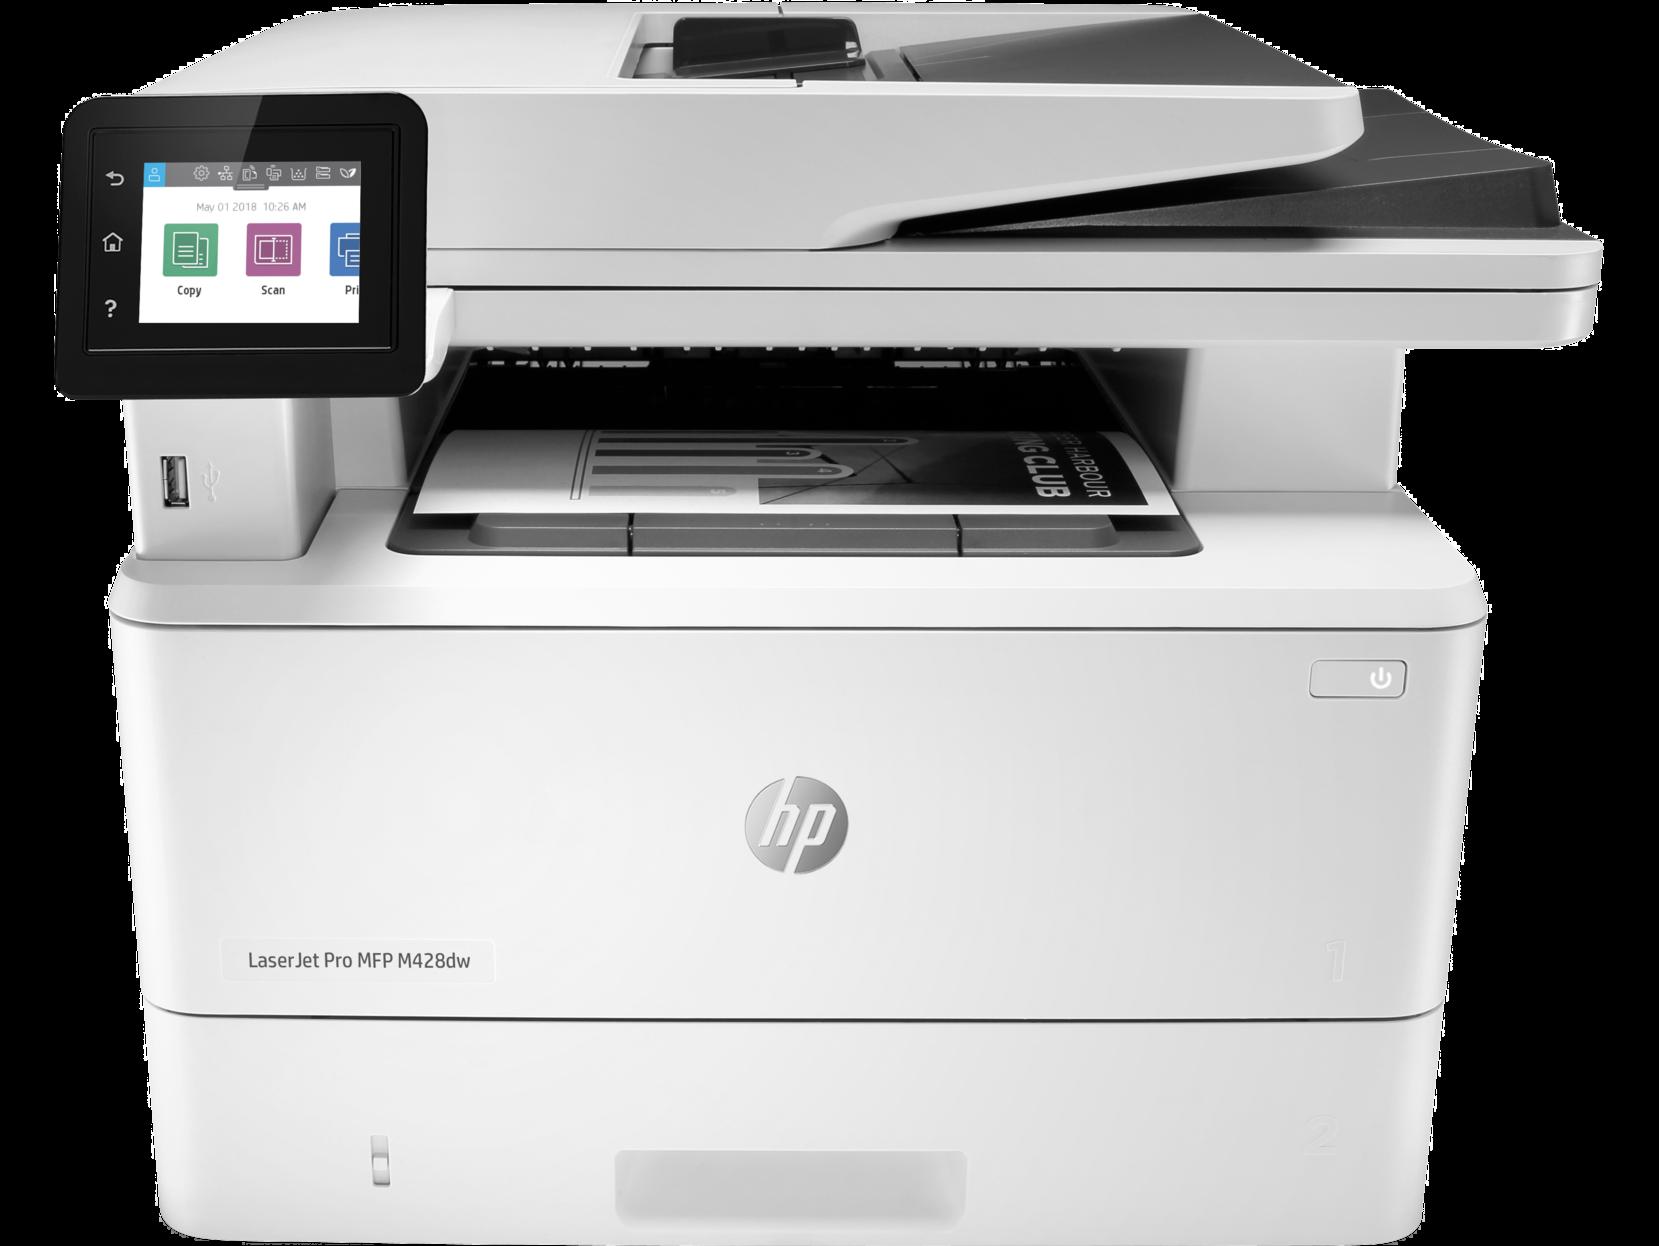 HP LaserJet Pro MFP M428dw (HP W1A31A)